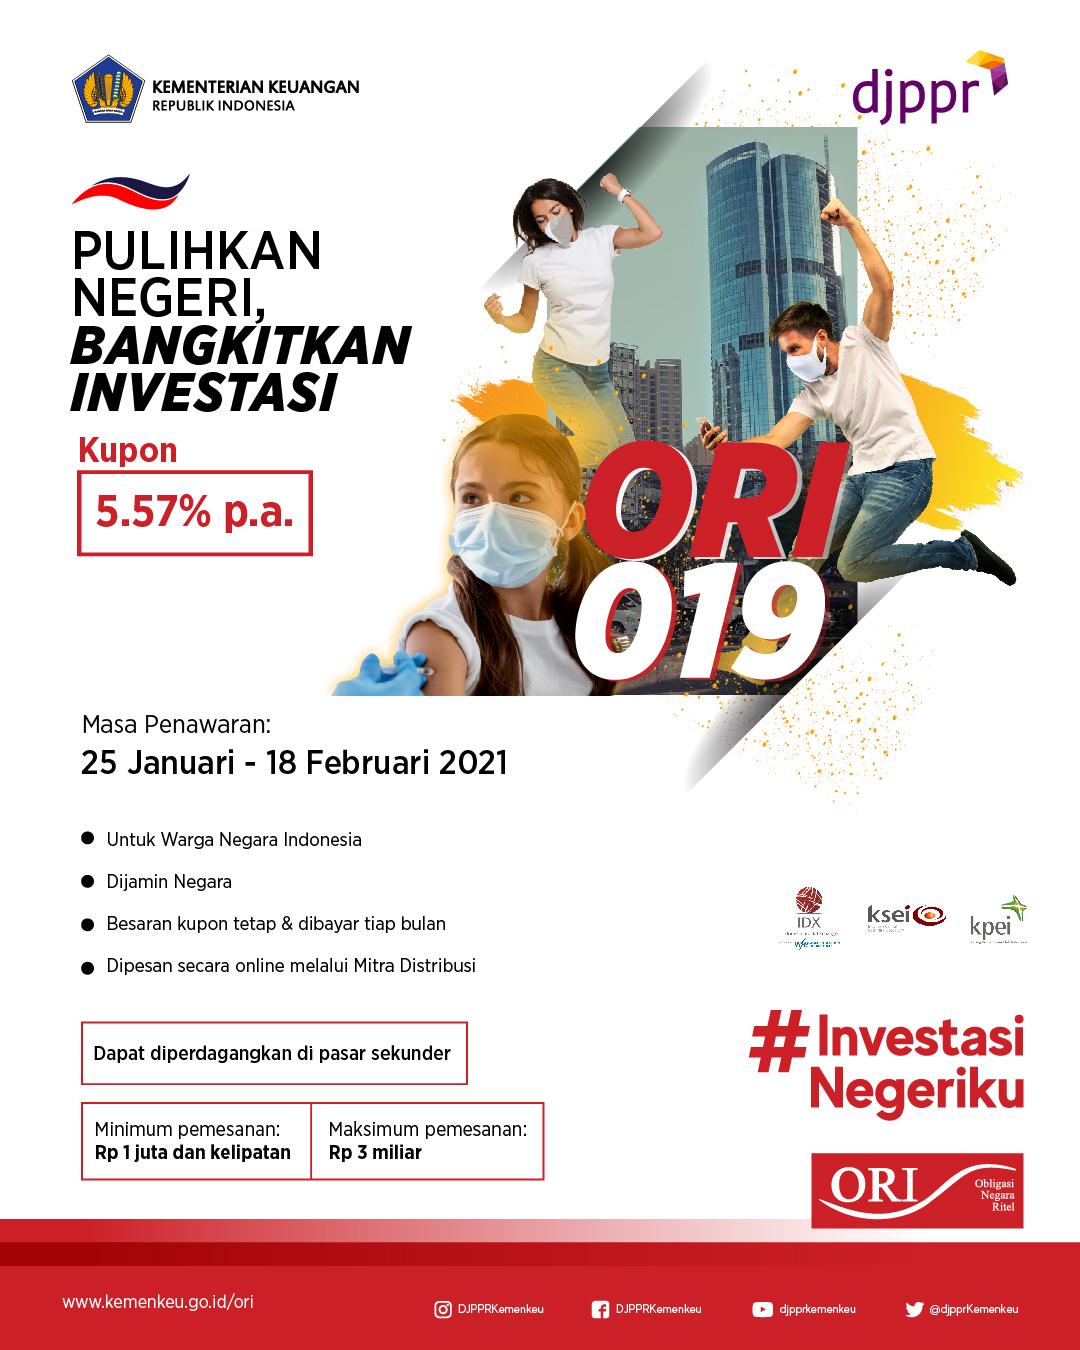 ORI019, Investasi Mager yang Aman untuk Pulihkan Negeri